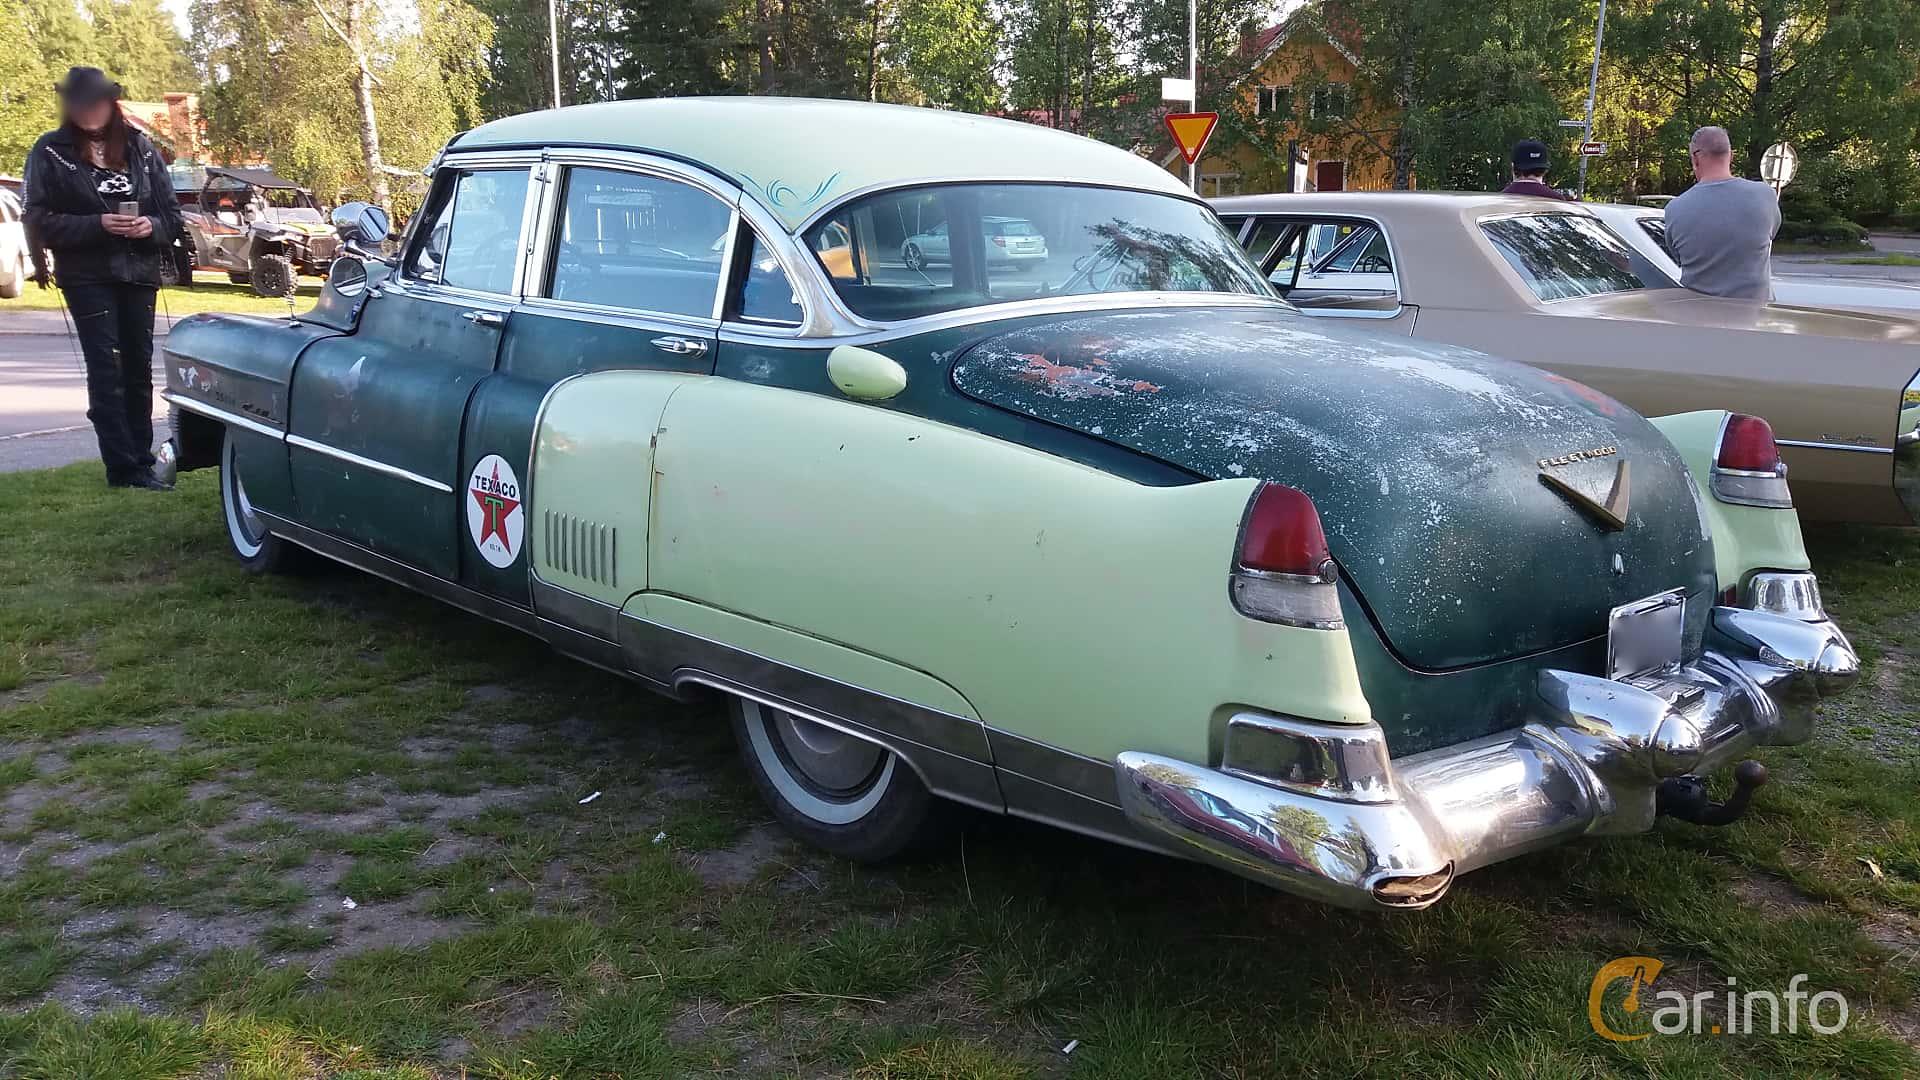 Back/Side of Cadillac Fleetwood Sixty Special 5.4 V8 Hydra-Matic, 213ps, 1953 at Onsdagsträffar på Gammlia Umeå 2019 vecka 28